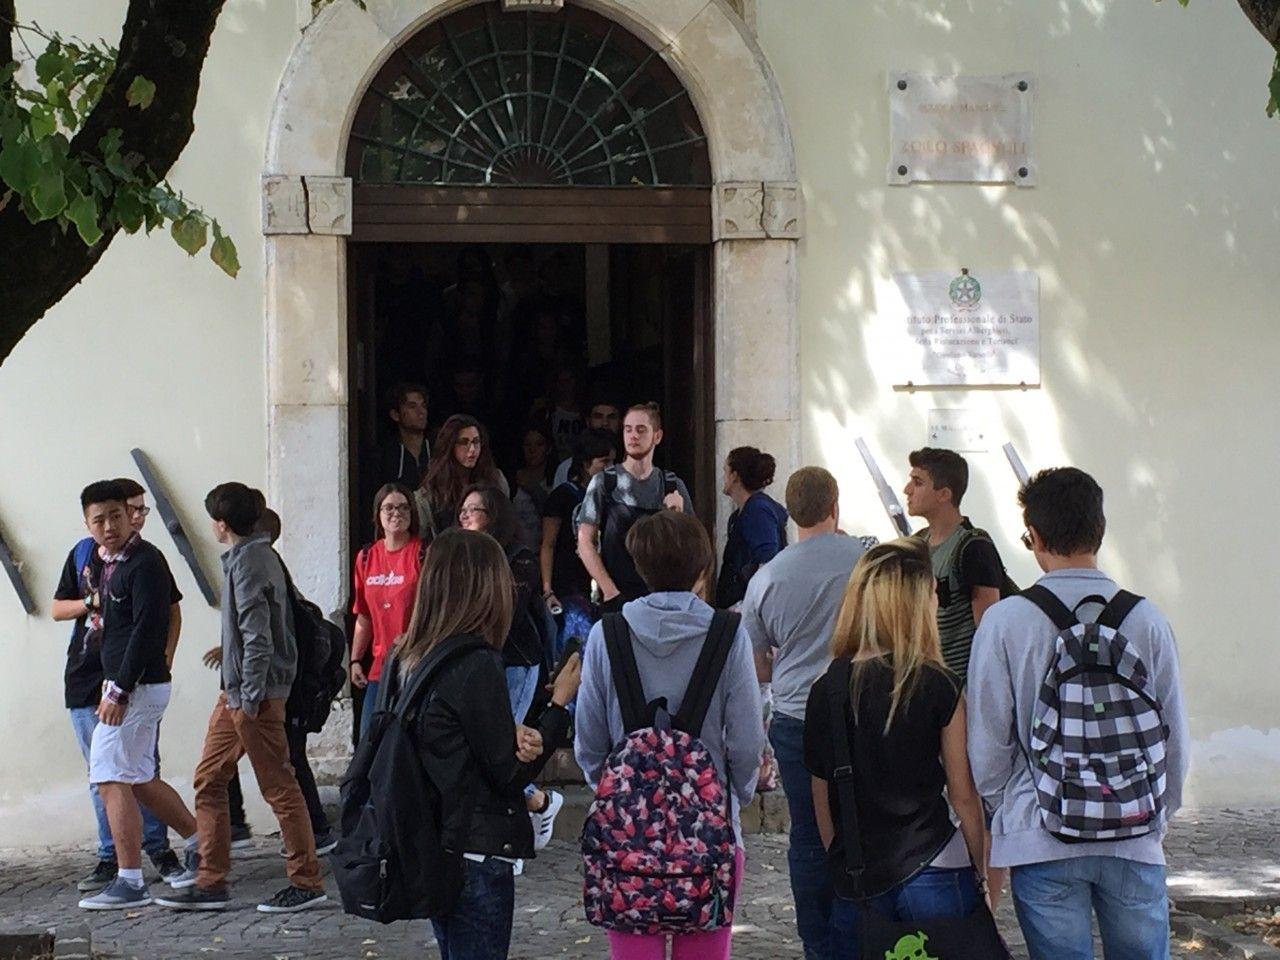 Scuola, riforma Gelmini: dopo cinque anni cambiano le scelte degli studenti